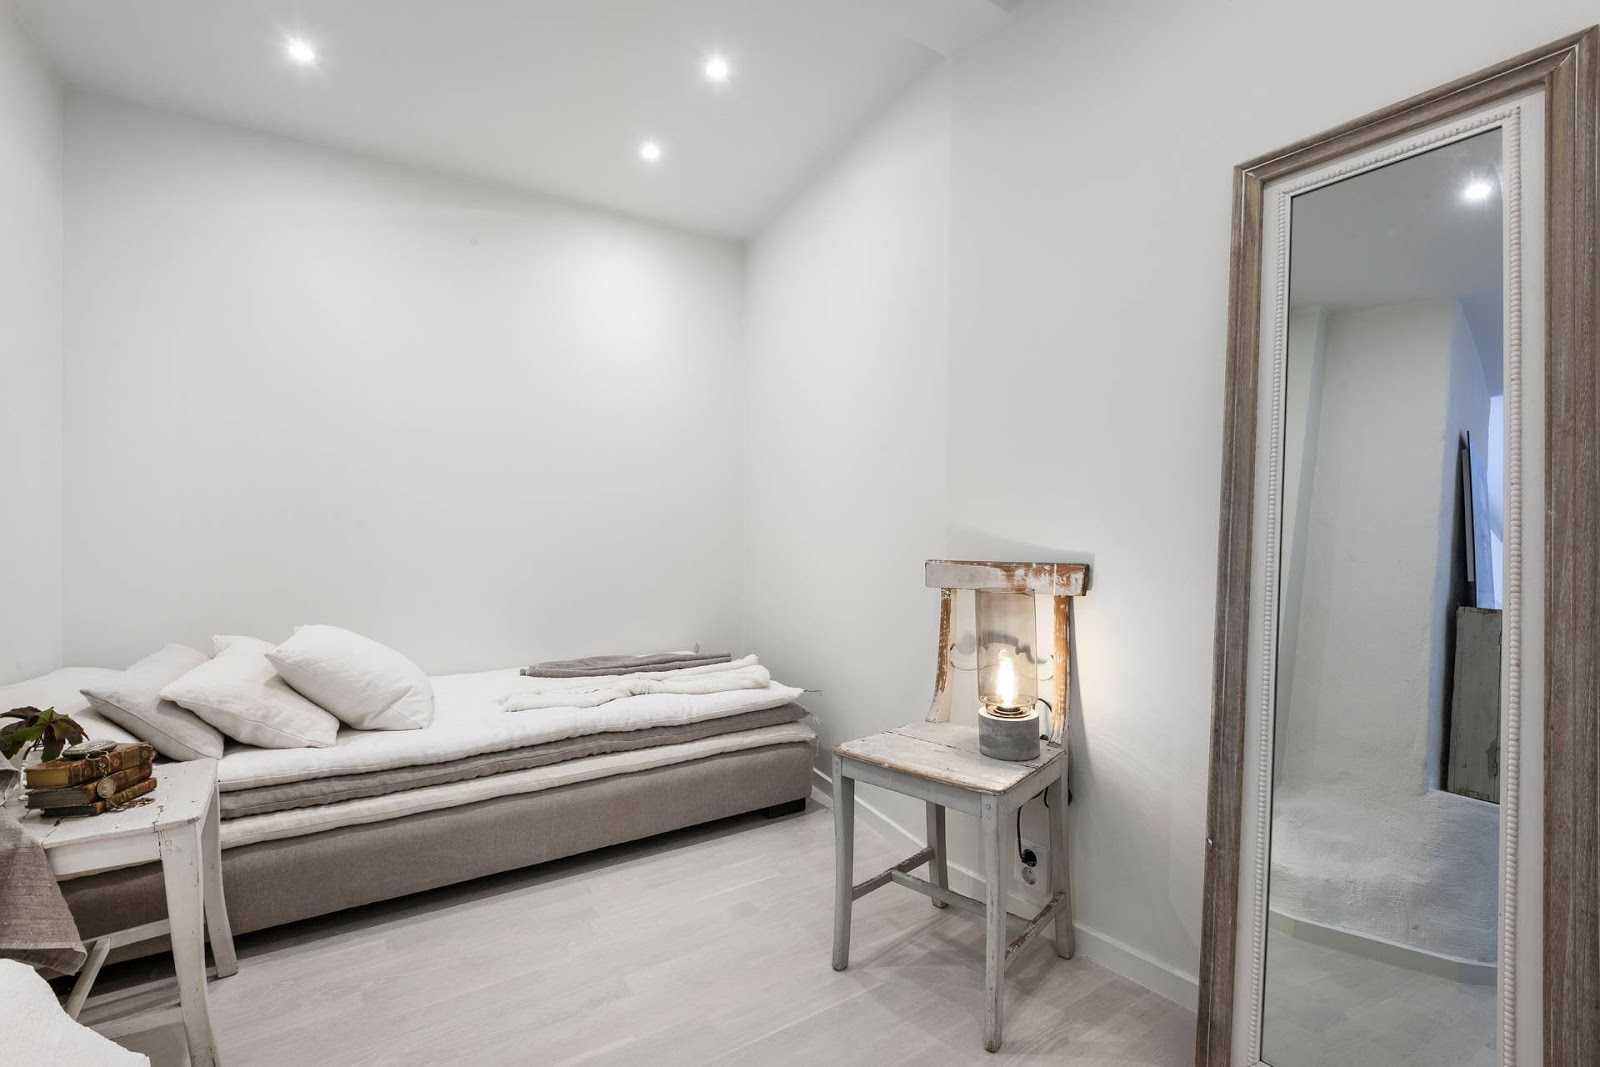 dormitorio blanco estilo nordico cama mesita auxiliar lino libros viejos vintage